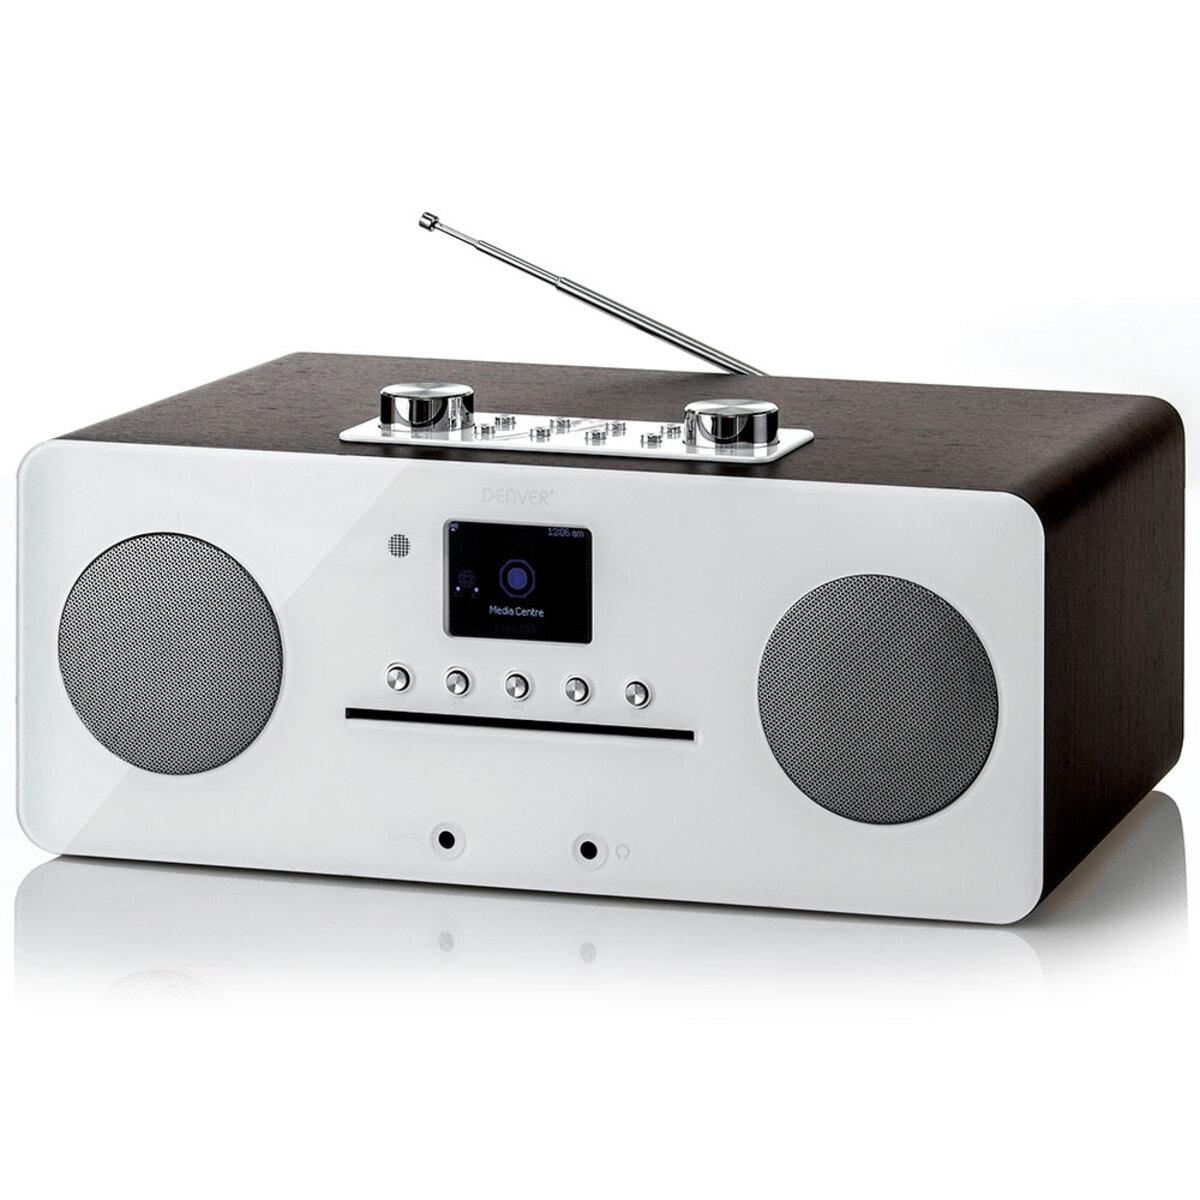 Bild 1 von Denver DAB+ Internet-Musik Center, Bluetooth & NFC, Weiße Front, MIR-260